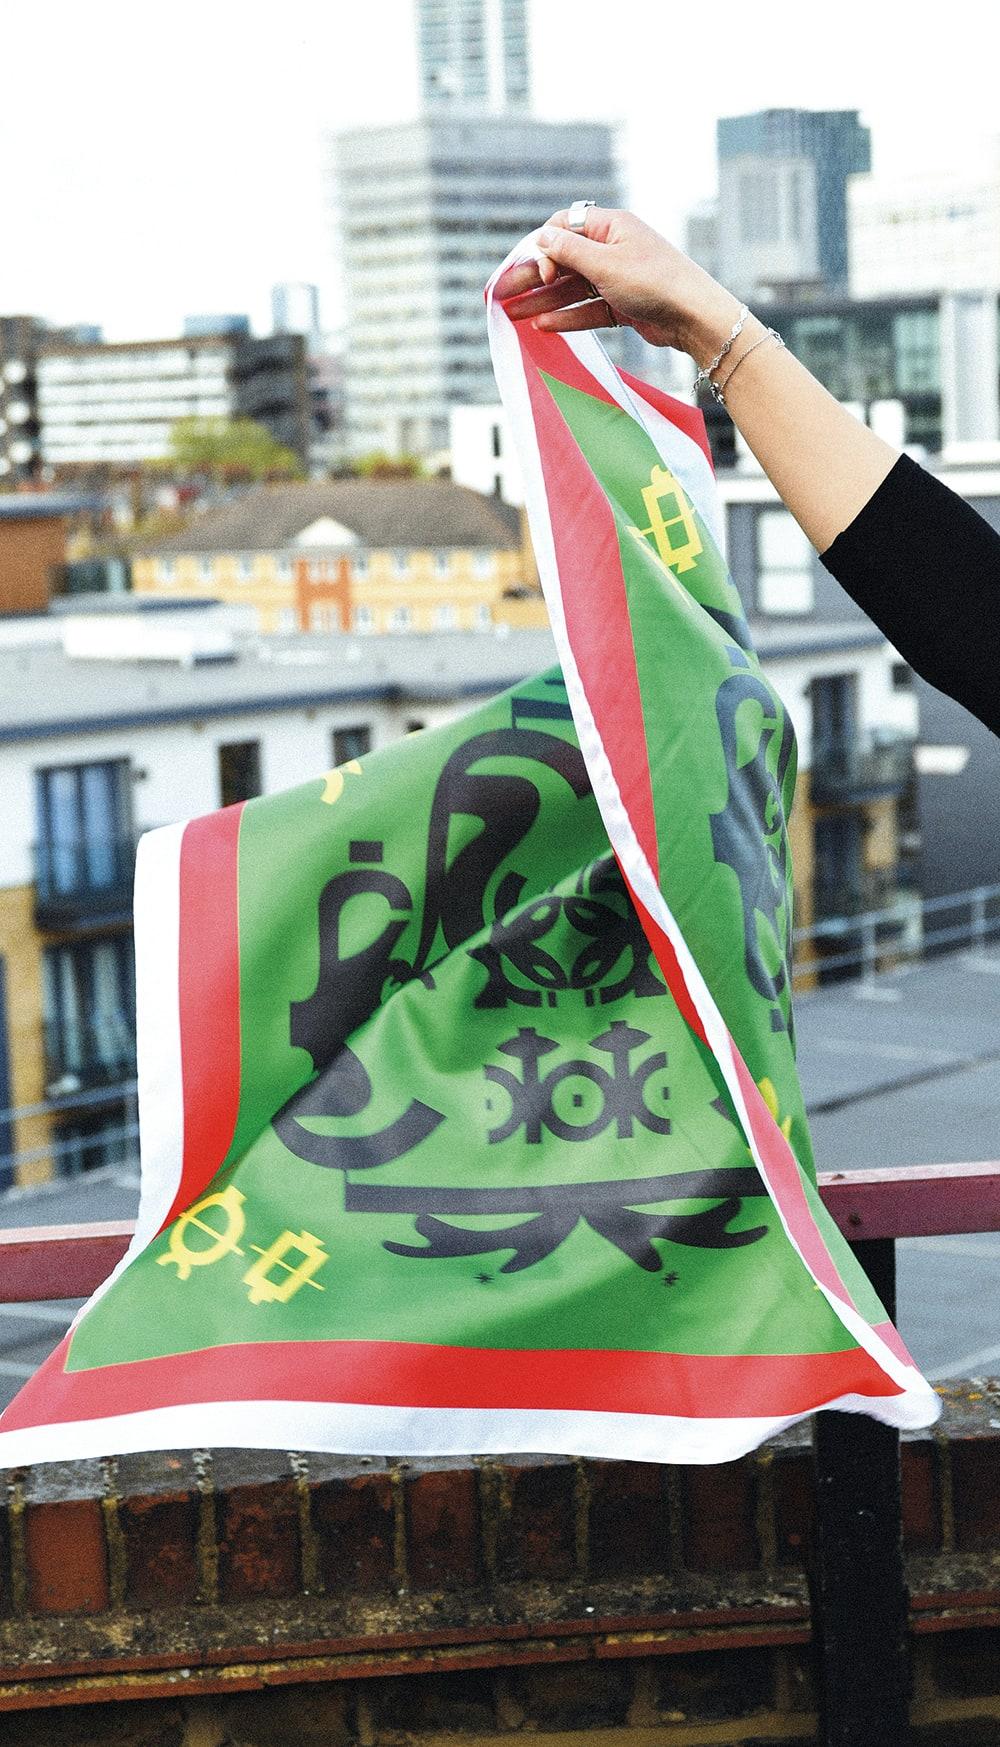 scarf-ohgbakelo-1-bruitB.jpg